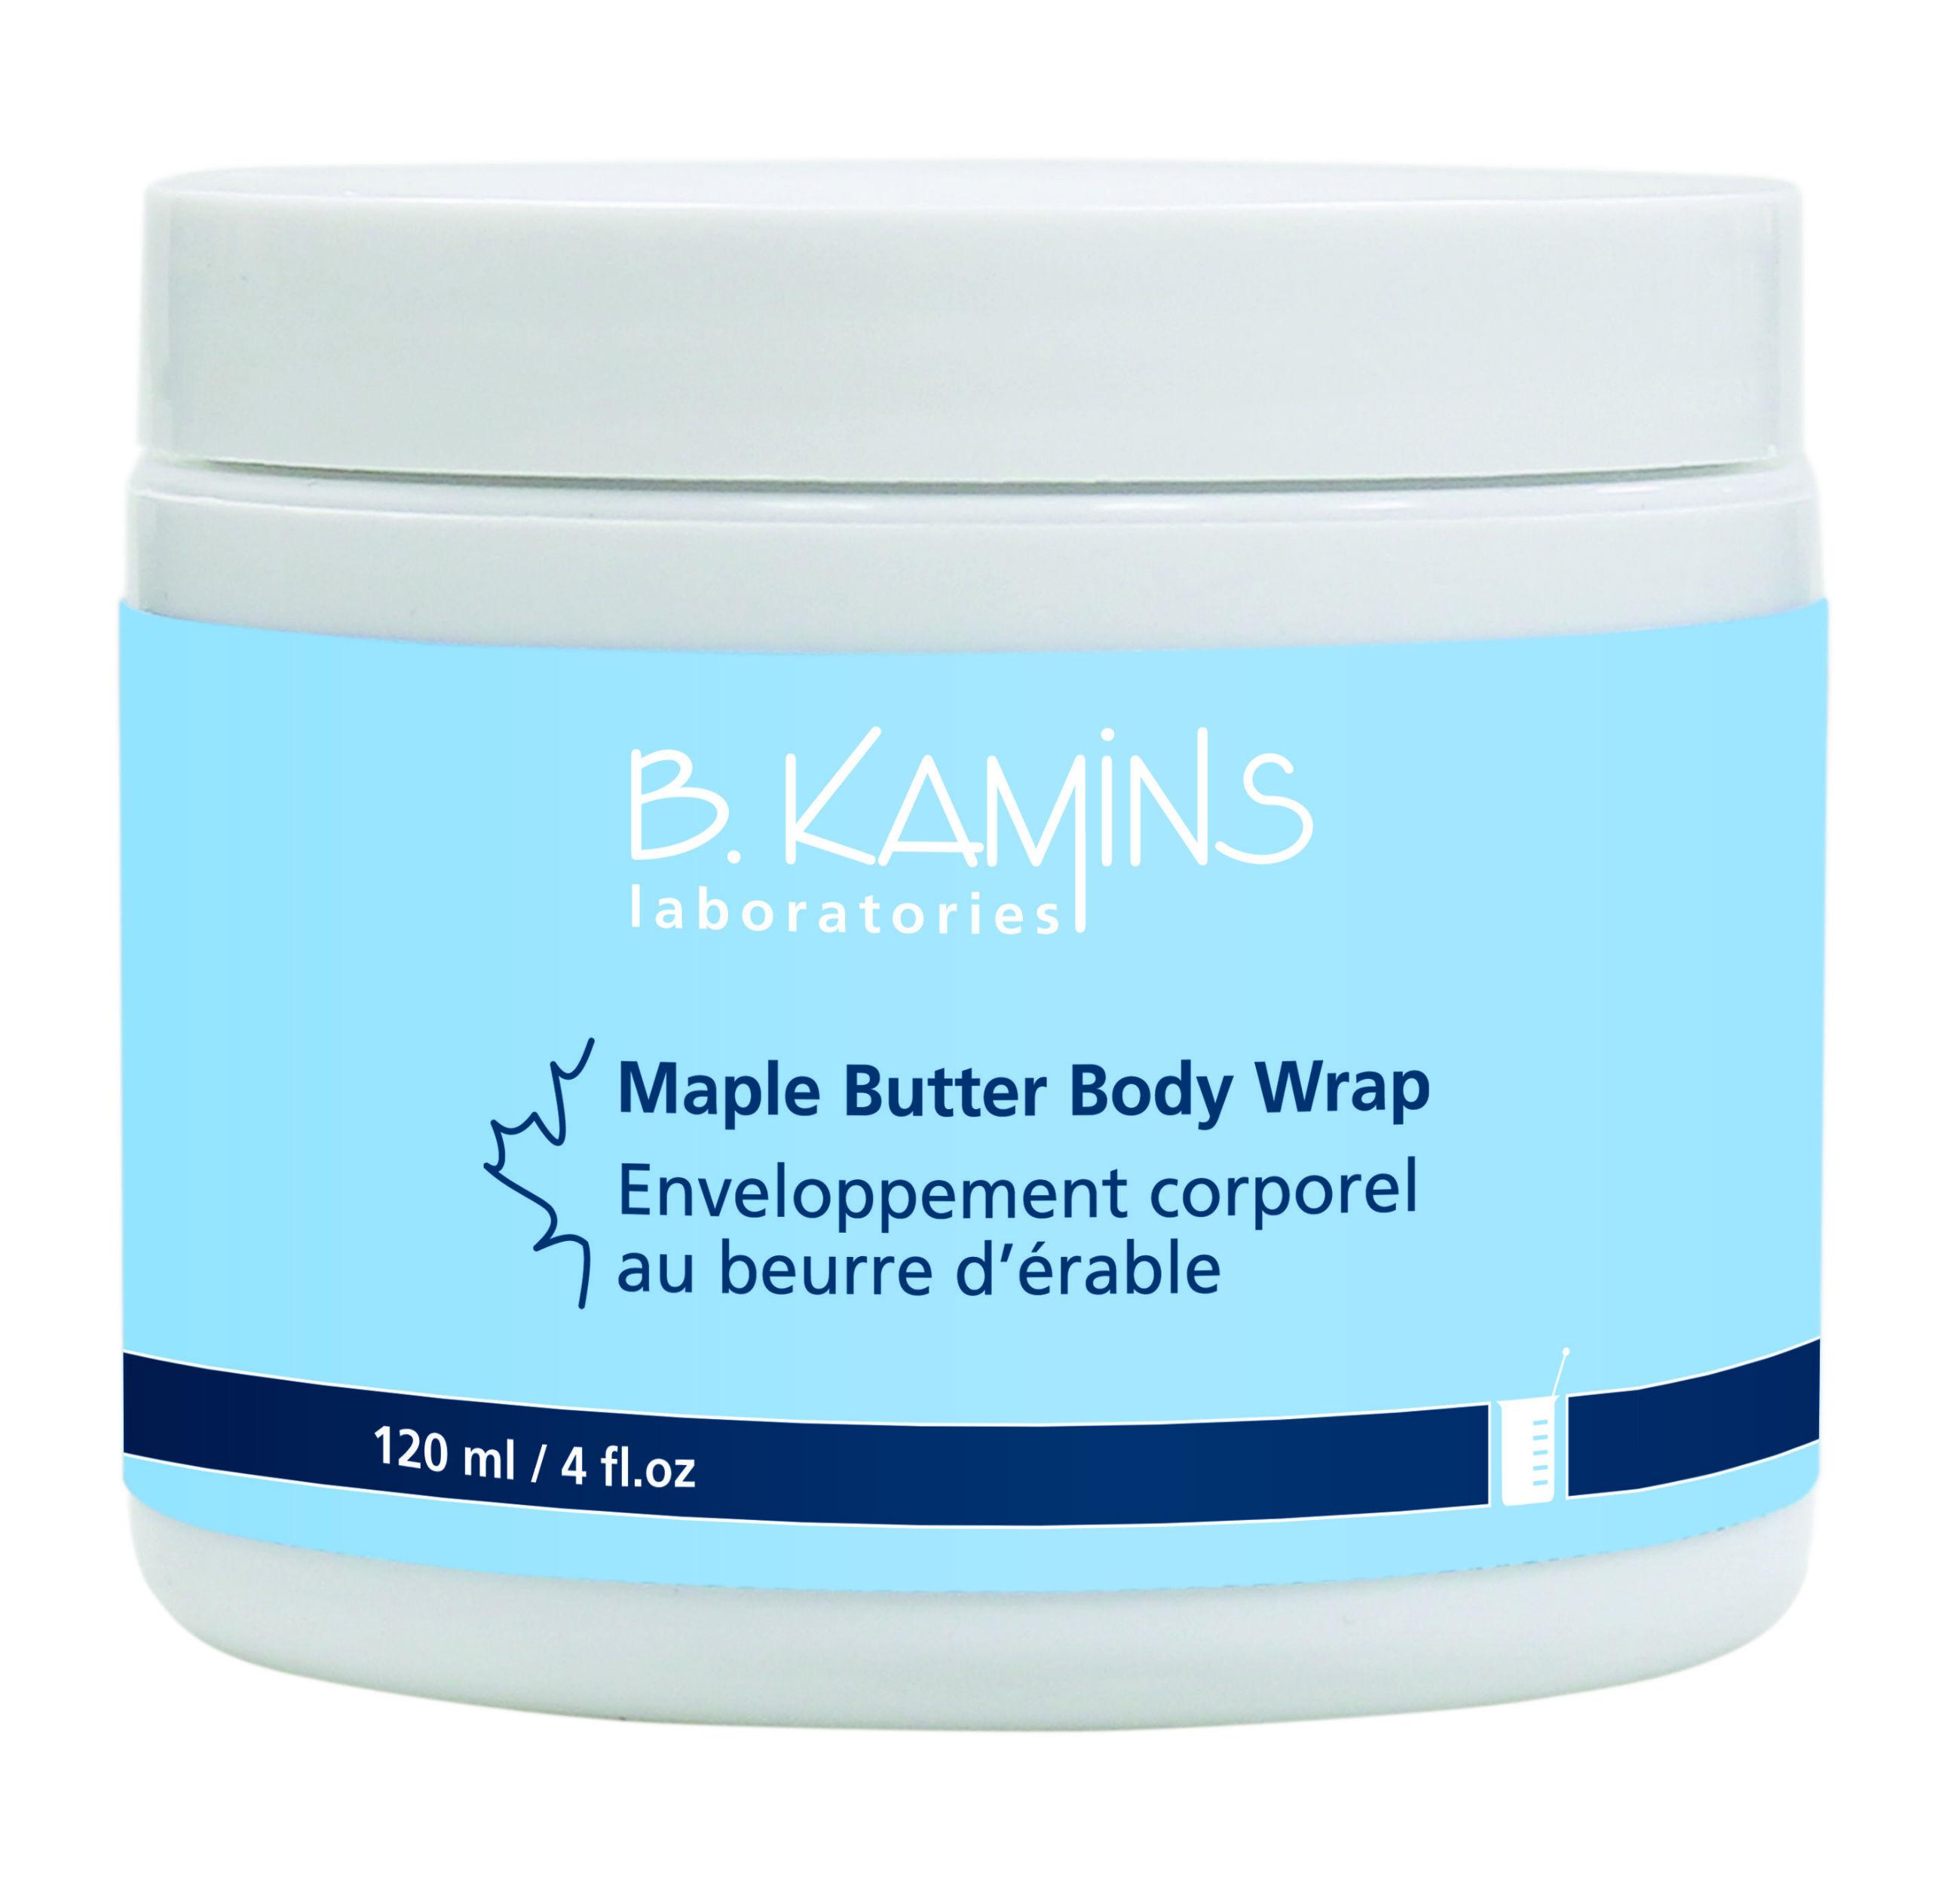 B.Kamins-Maple-Butter-Body-Wrap-2